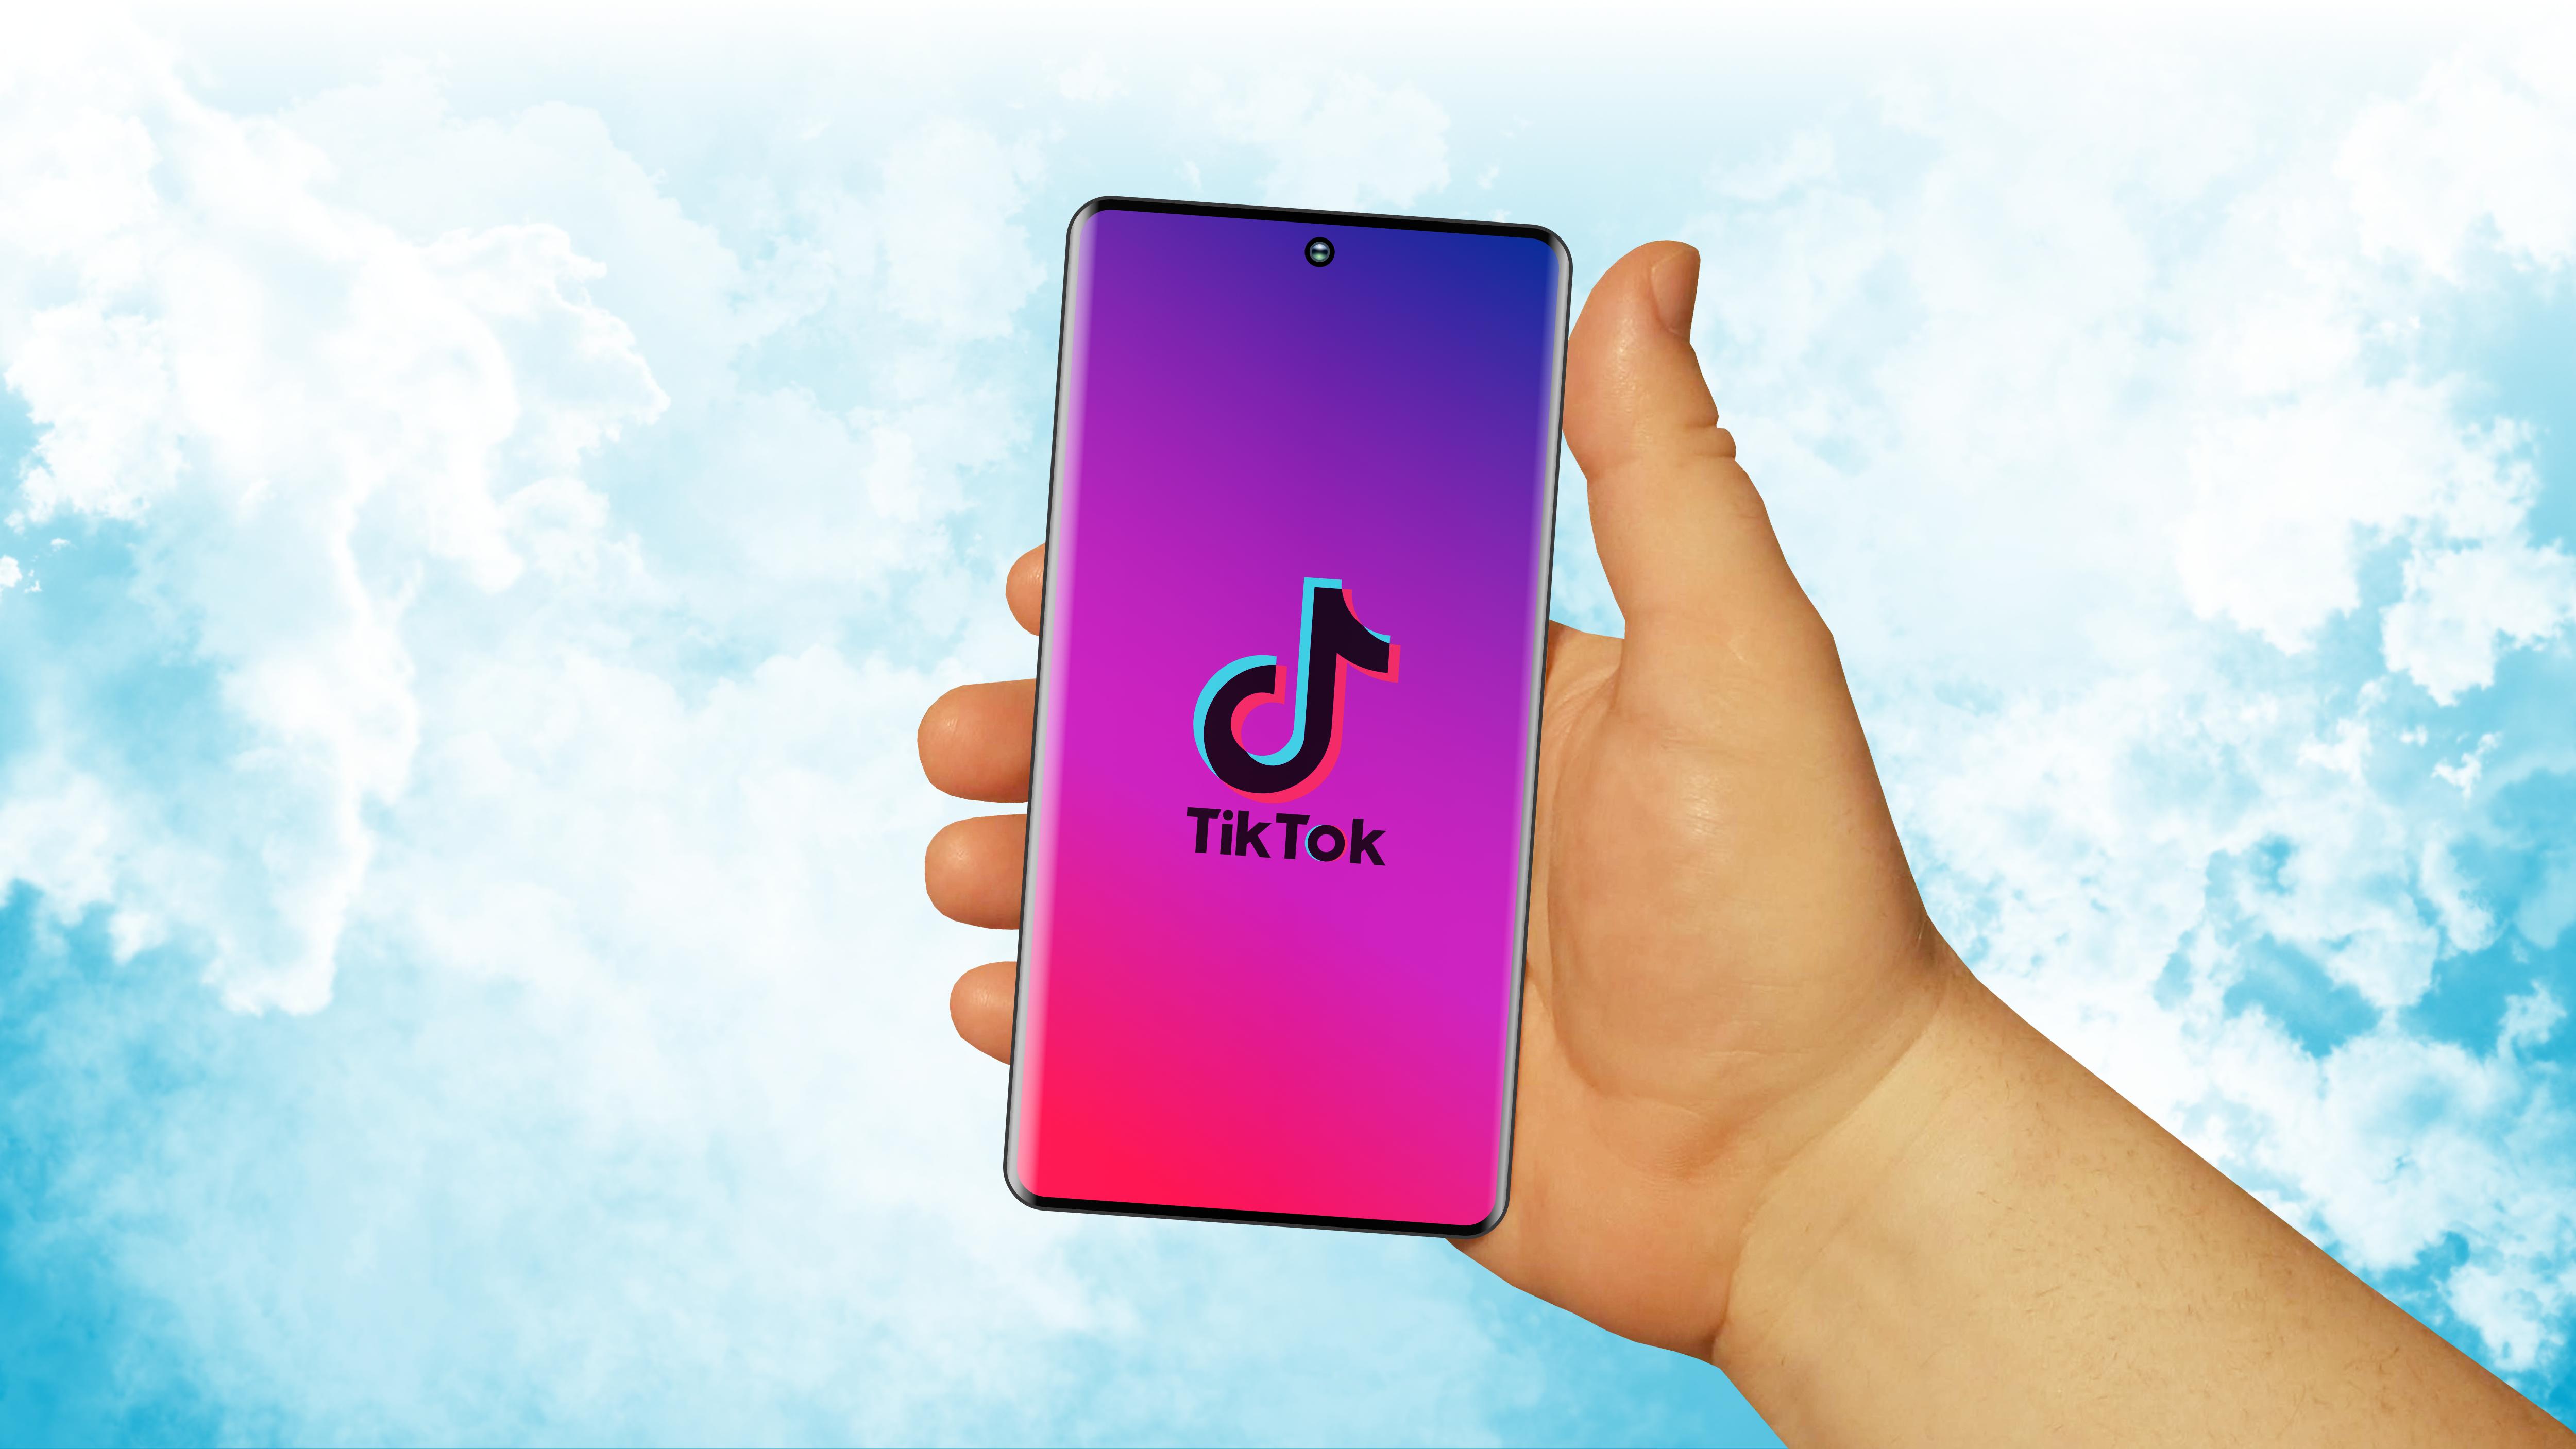 Download von iXimus.de: Symbolbild Verbot TikTok App, USA, Smartphone, Hand, blauer Himmel, #000291-2-4